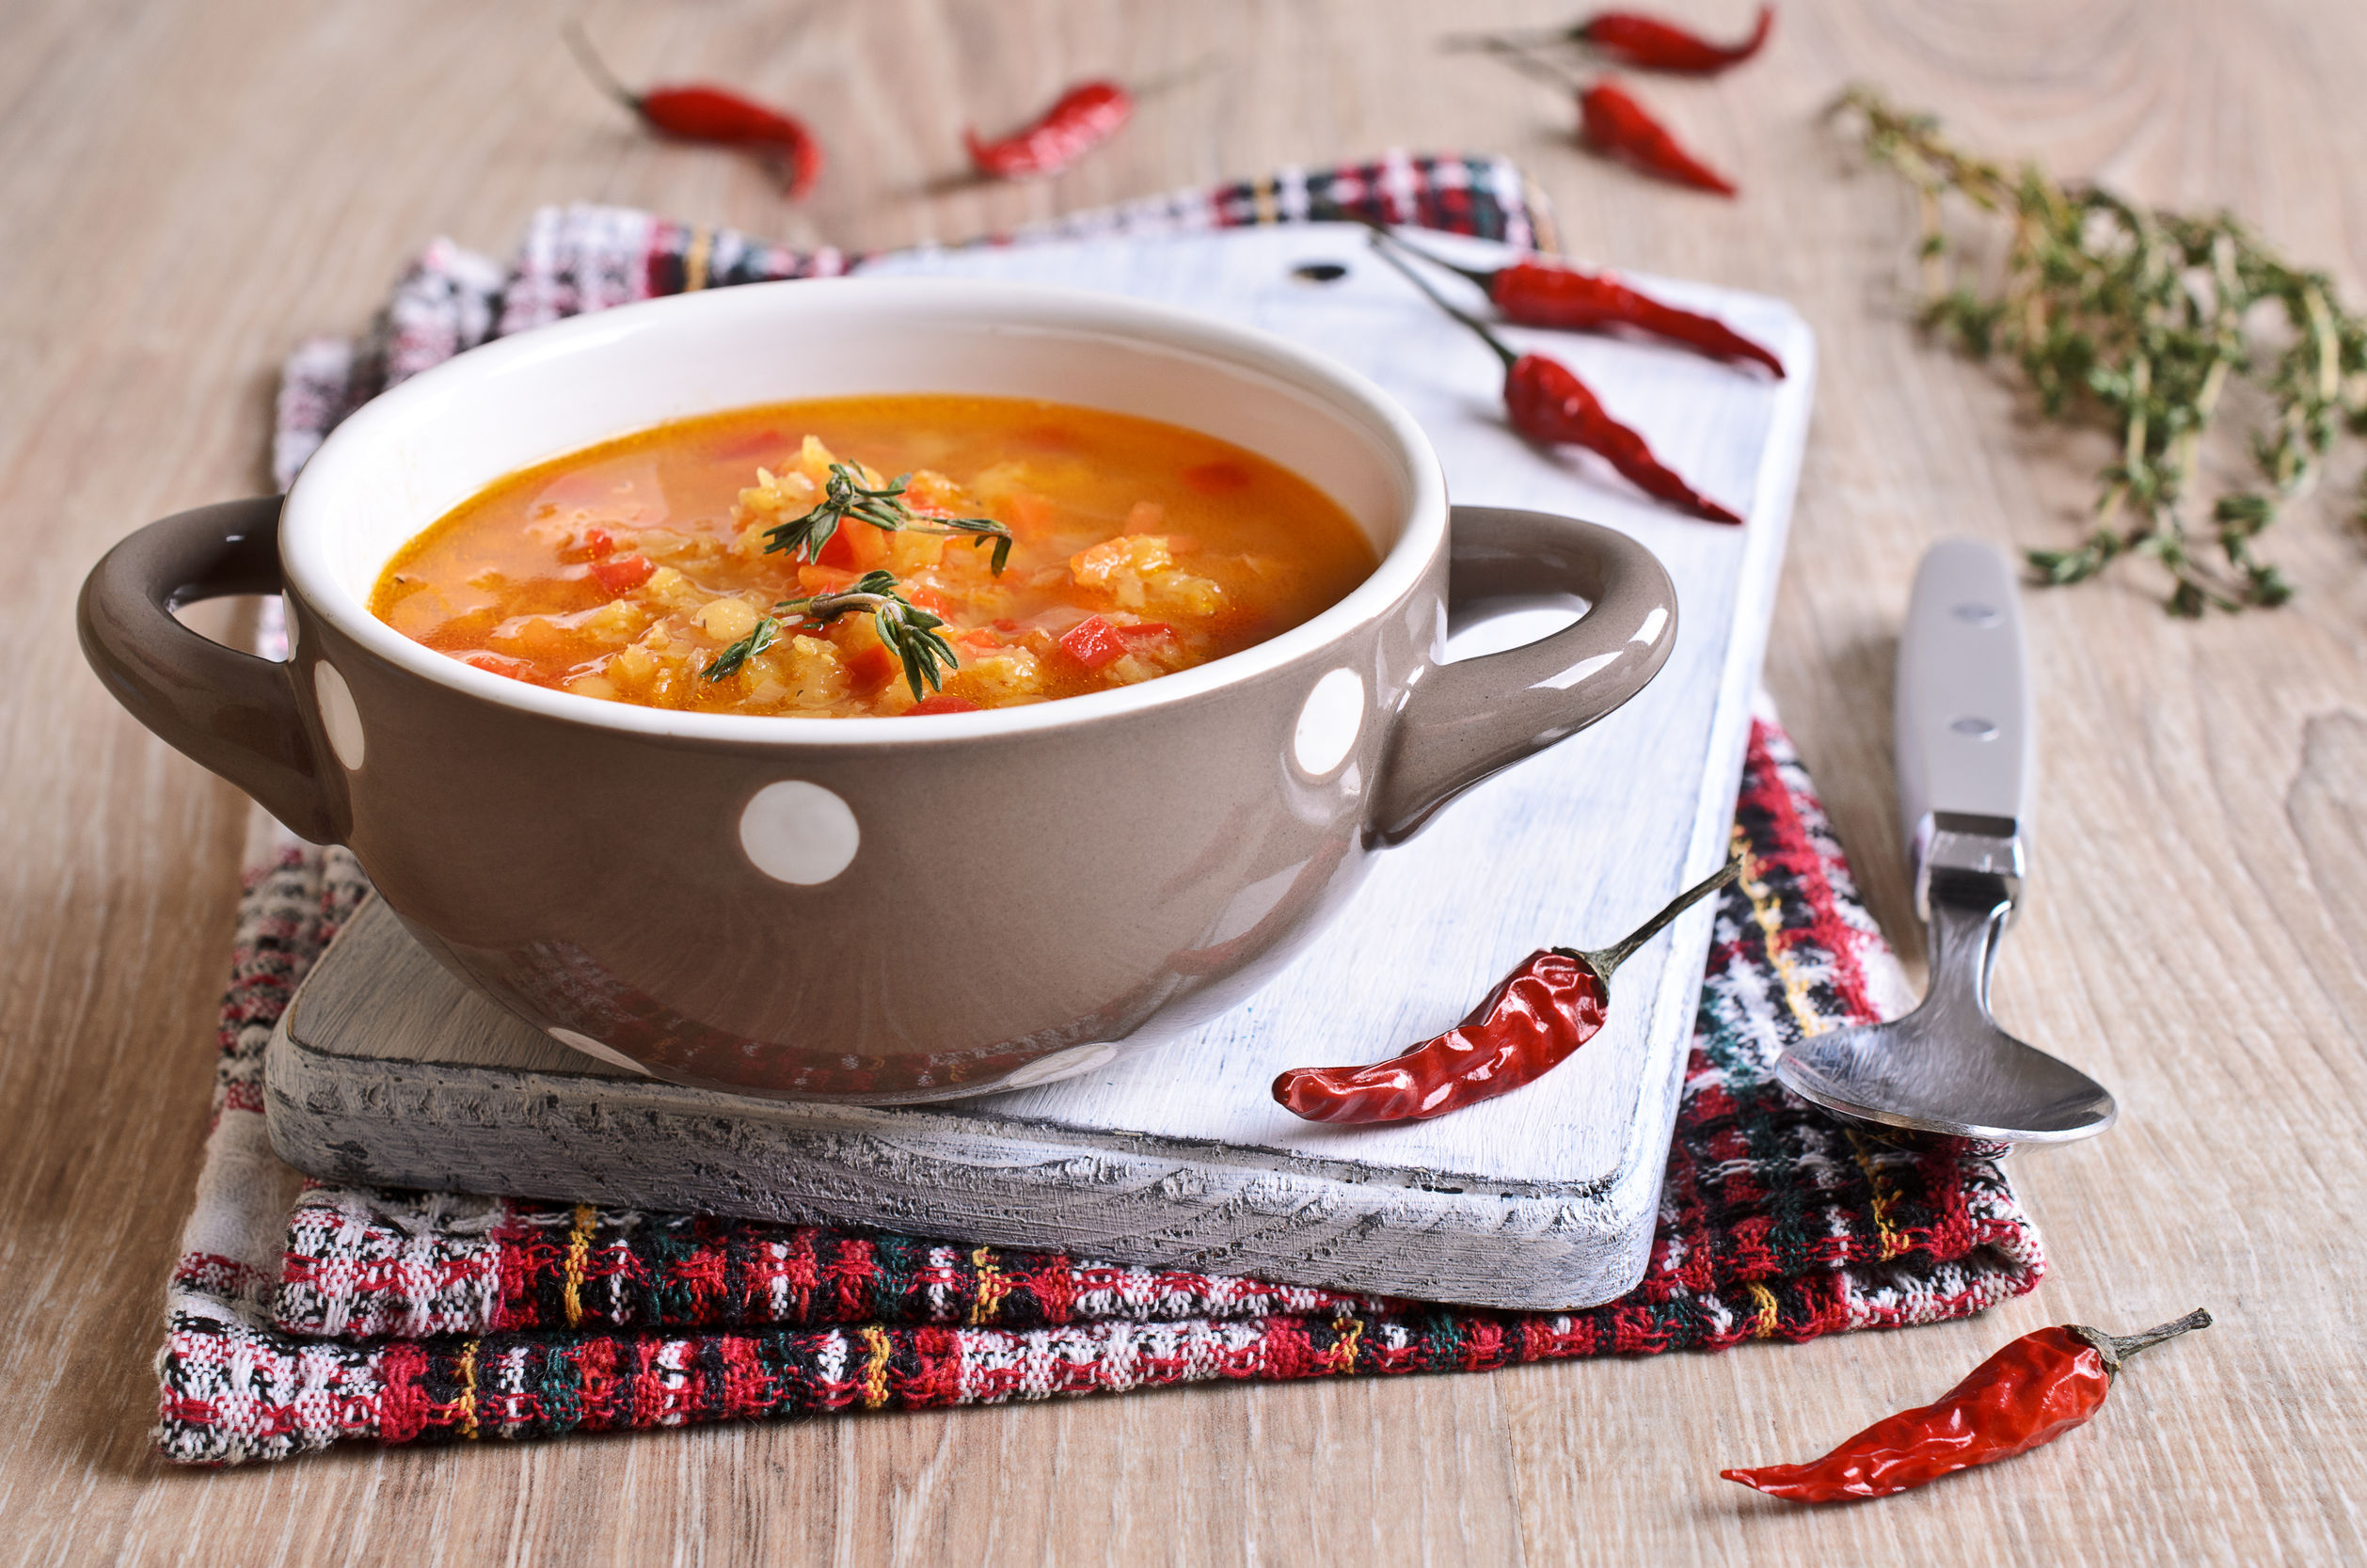 Sfaturi pentru a congela corect supele şi ciorbele